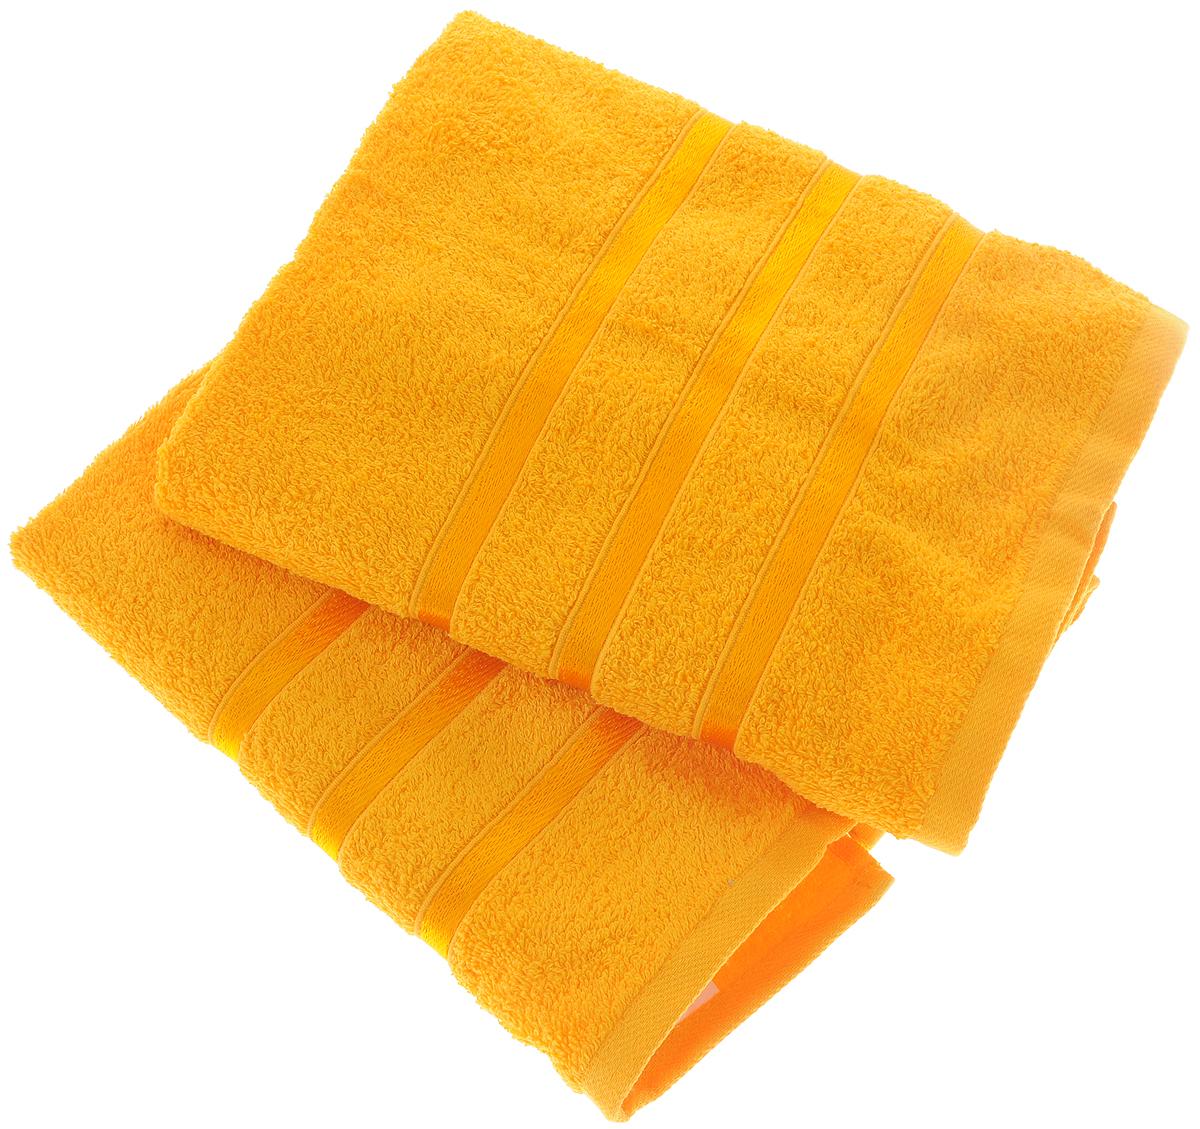 Набор полотенец Tete-a-Tete Ленты, цвет: желтый, 50 х 85 см, 2 шт68/5/3Набор Tete-a-Tete Ленты состоит из двух махровых полотенец, выполненных из натурального 100% хлопка. Бордюр полотенец декорирован лентами. Изделия мягкие, отлично впитывают влагу, быстро сохнут, сохраняют яркость цвета и не теряют форму даже после многократных стирок. Полотенца Tete-a-Tete Ленты очень практичны и неприхотливы в уходе. Они легко впишутся в любой интерьер благодаря своей нежной цветовой гамме. Набор упакован в красивую коробку и может послужить отличной идеей для подарка.Размер полотенец: 50 х 85 см.